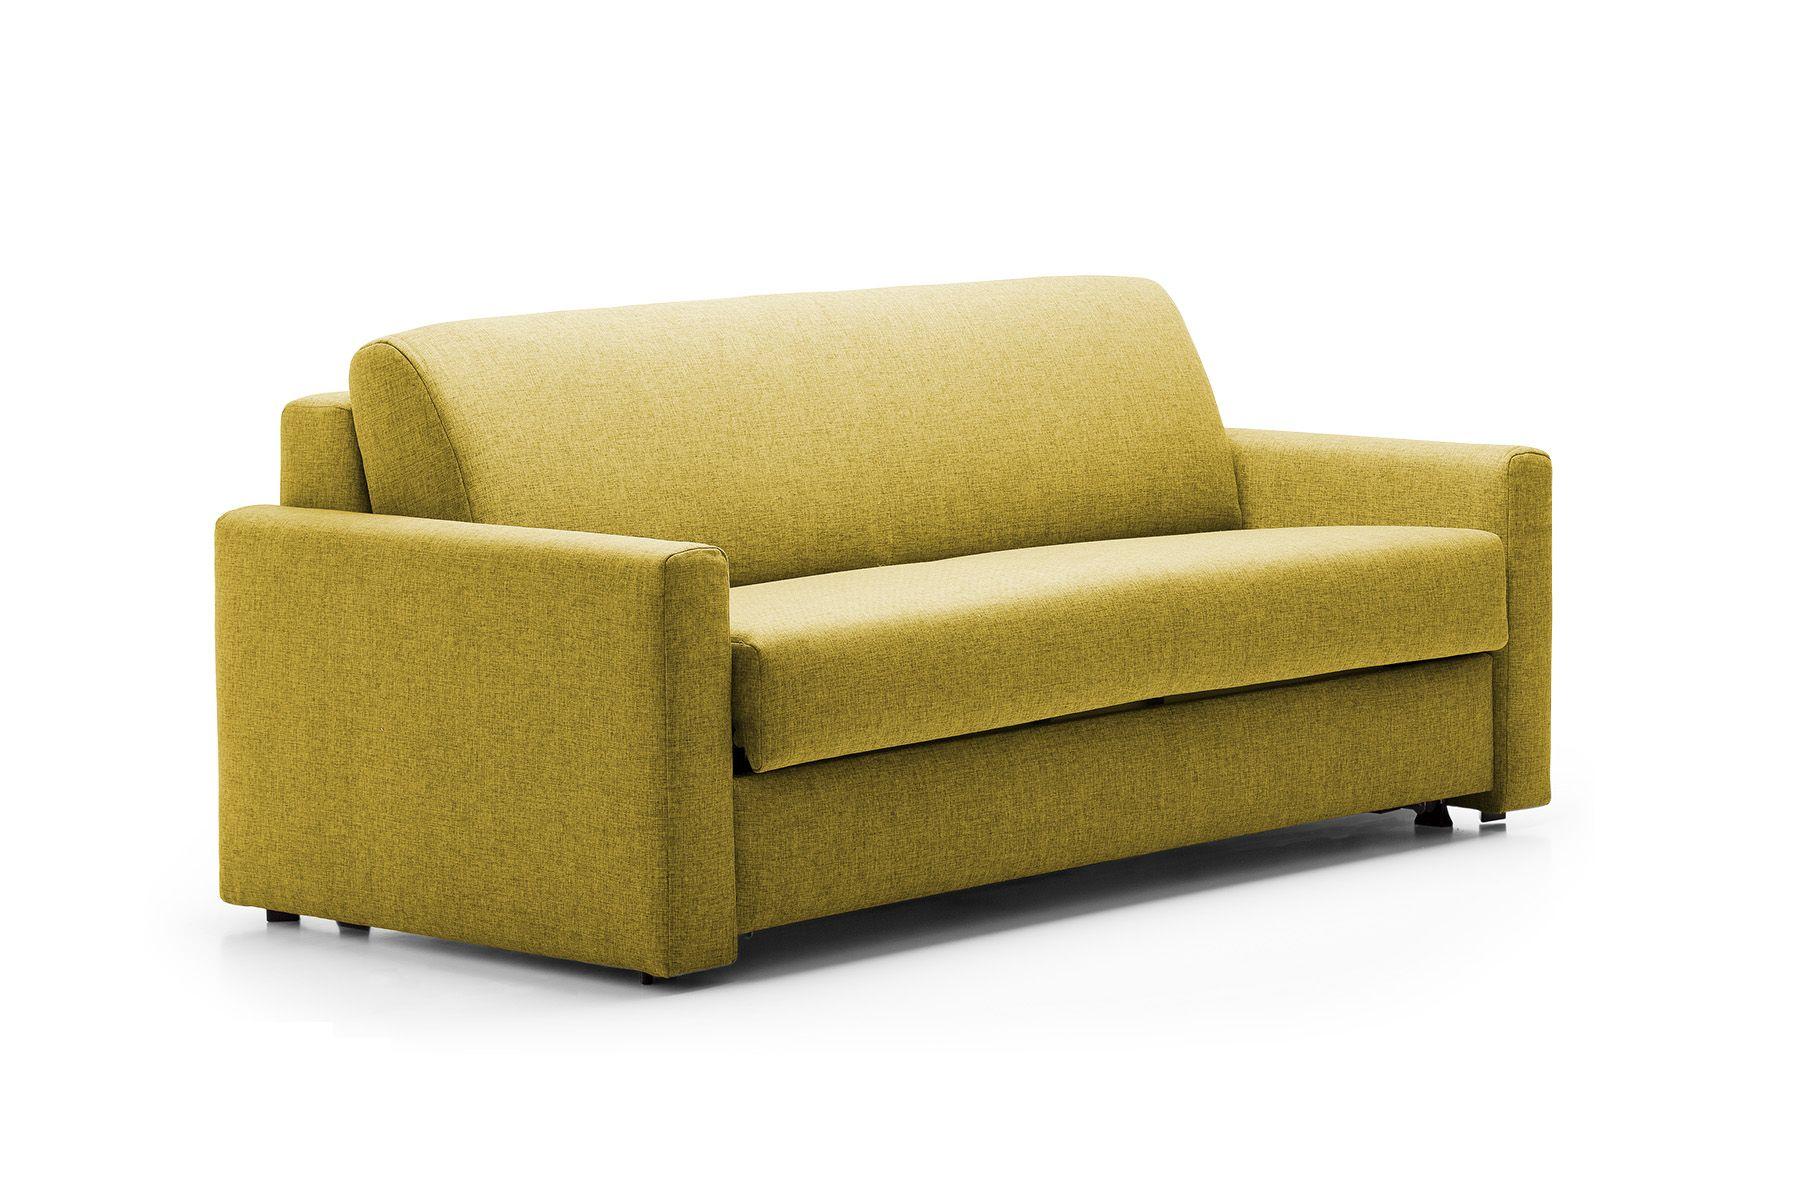 schlafsofas 2 sitzer bettw sche labanny schonbez ge bettdecken feng shui b cherregal im. Black Bedroom Furniture Sets. Home Design Ideas